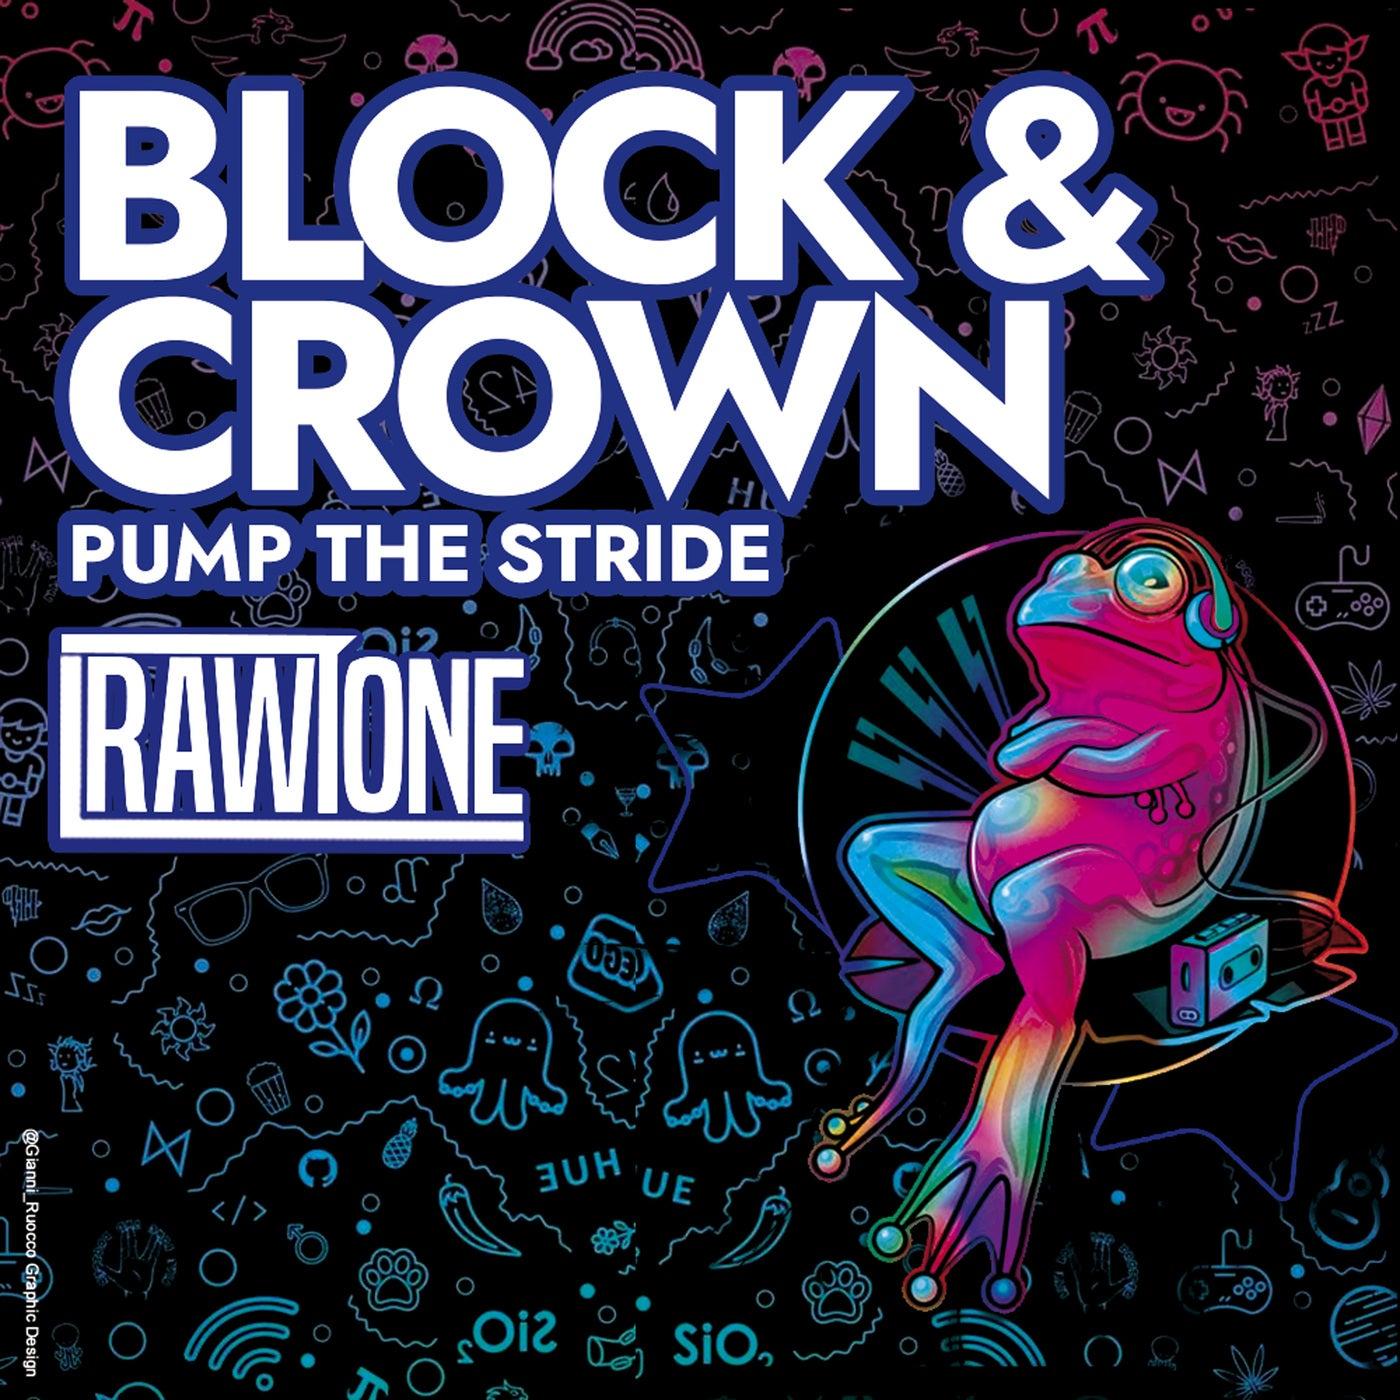 Pump The Stride (Original Mix)